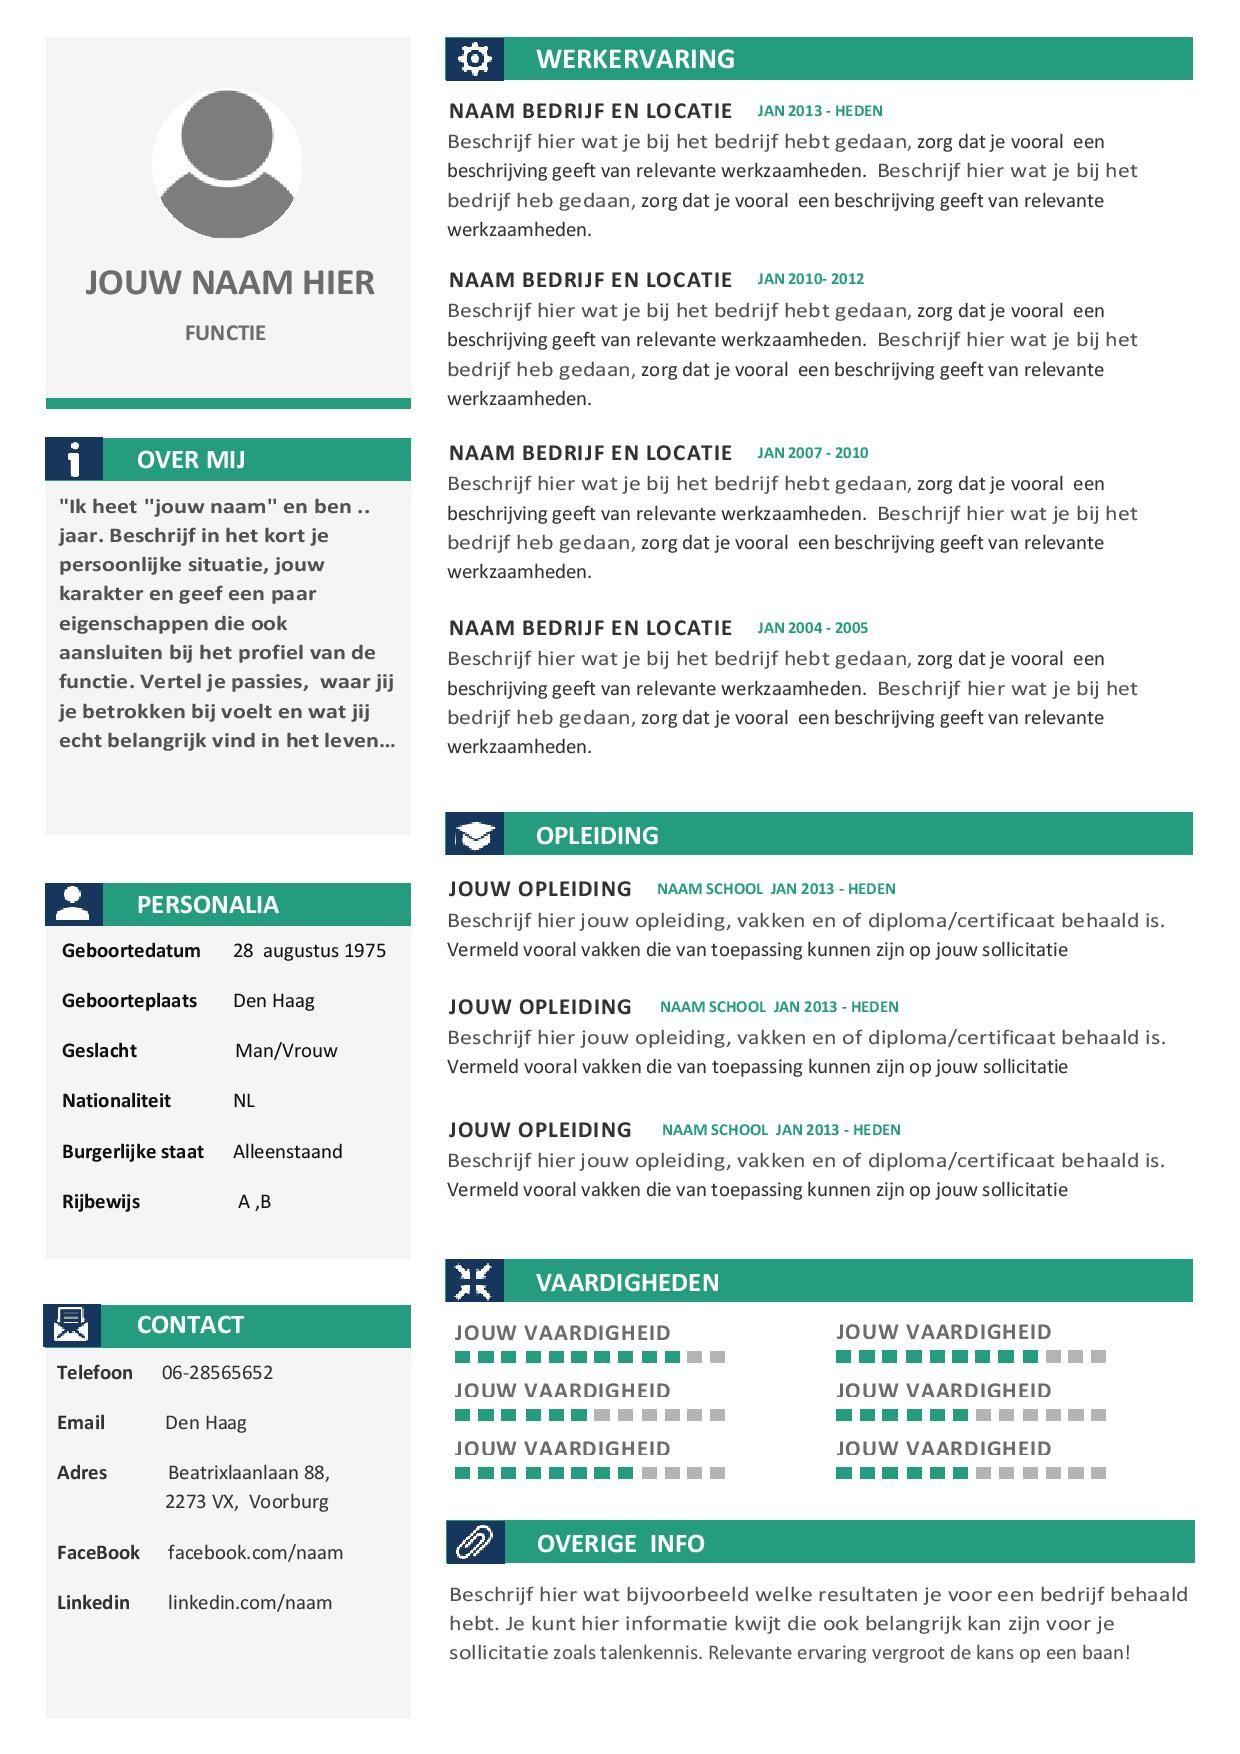 Een overzichtelijk, uniek, strak en duidelijke CV Cv